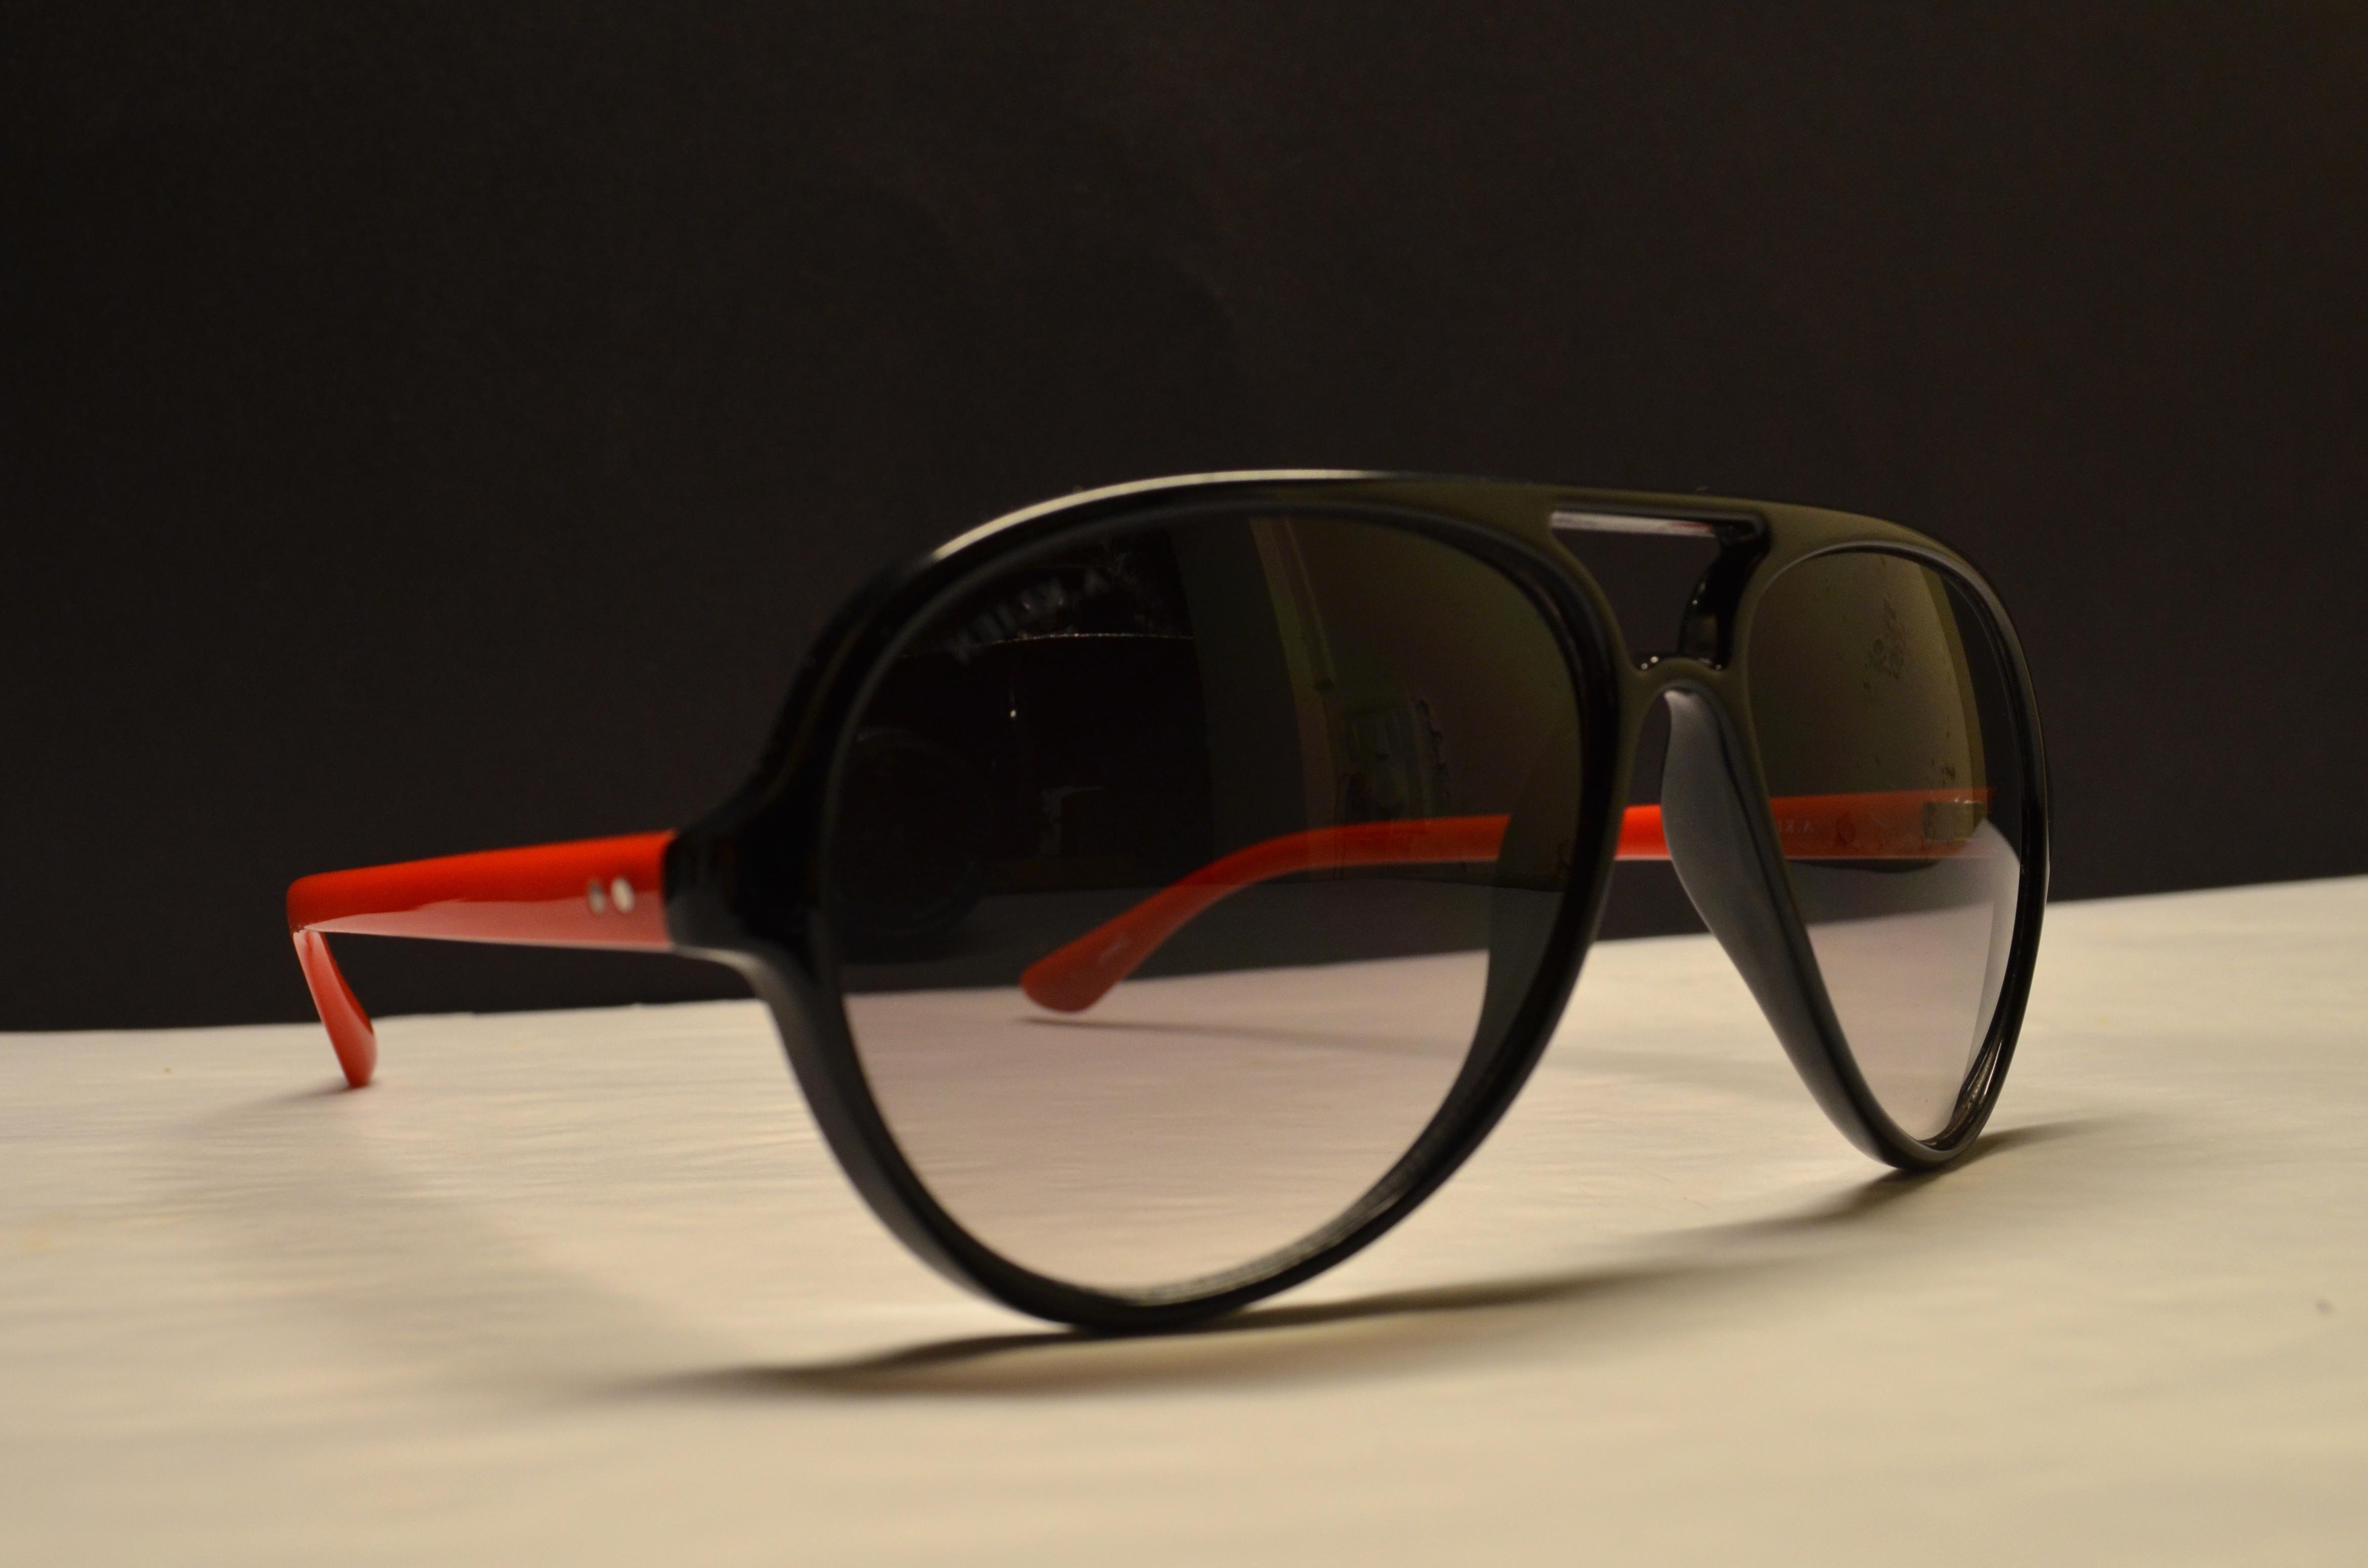 4099ba427 Bezplatný obrázok: Dioptrické okuliare, Slnečné okuliare, plastové ...